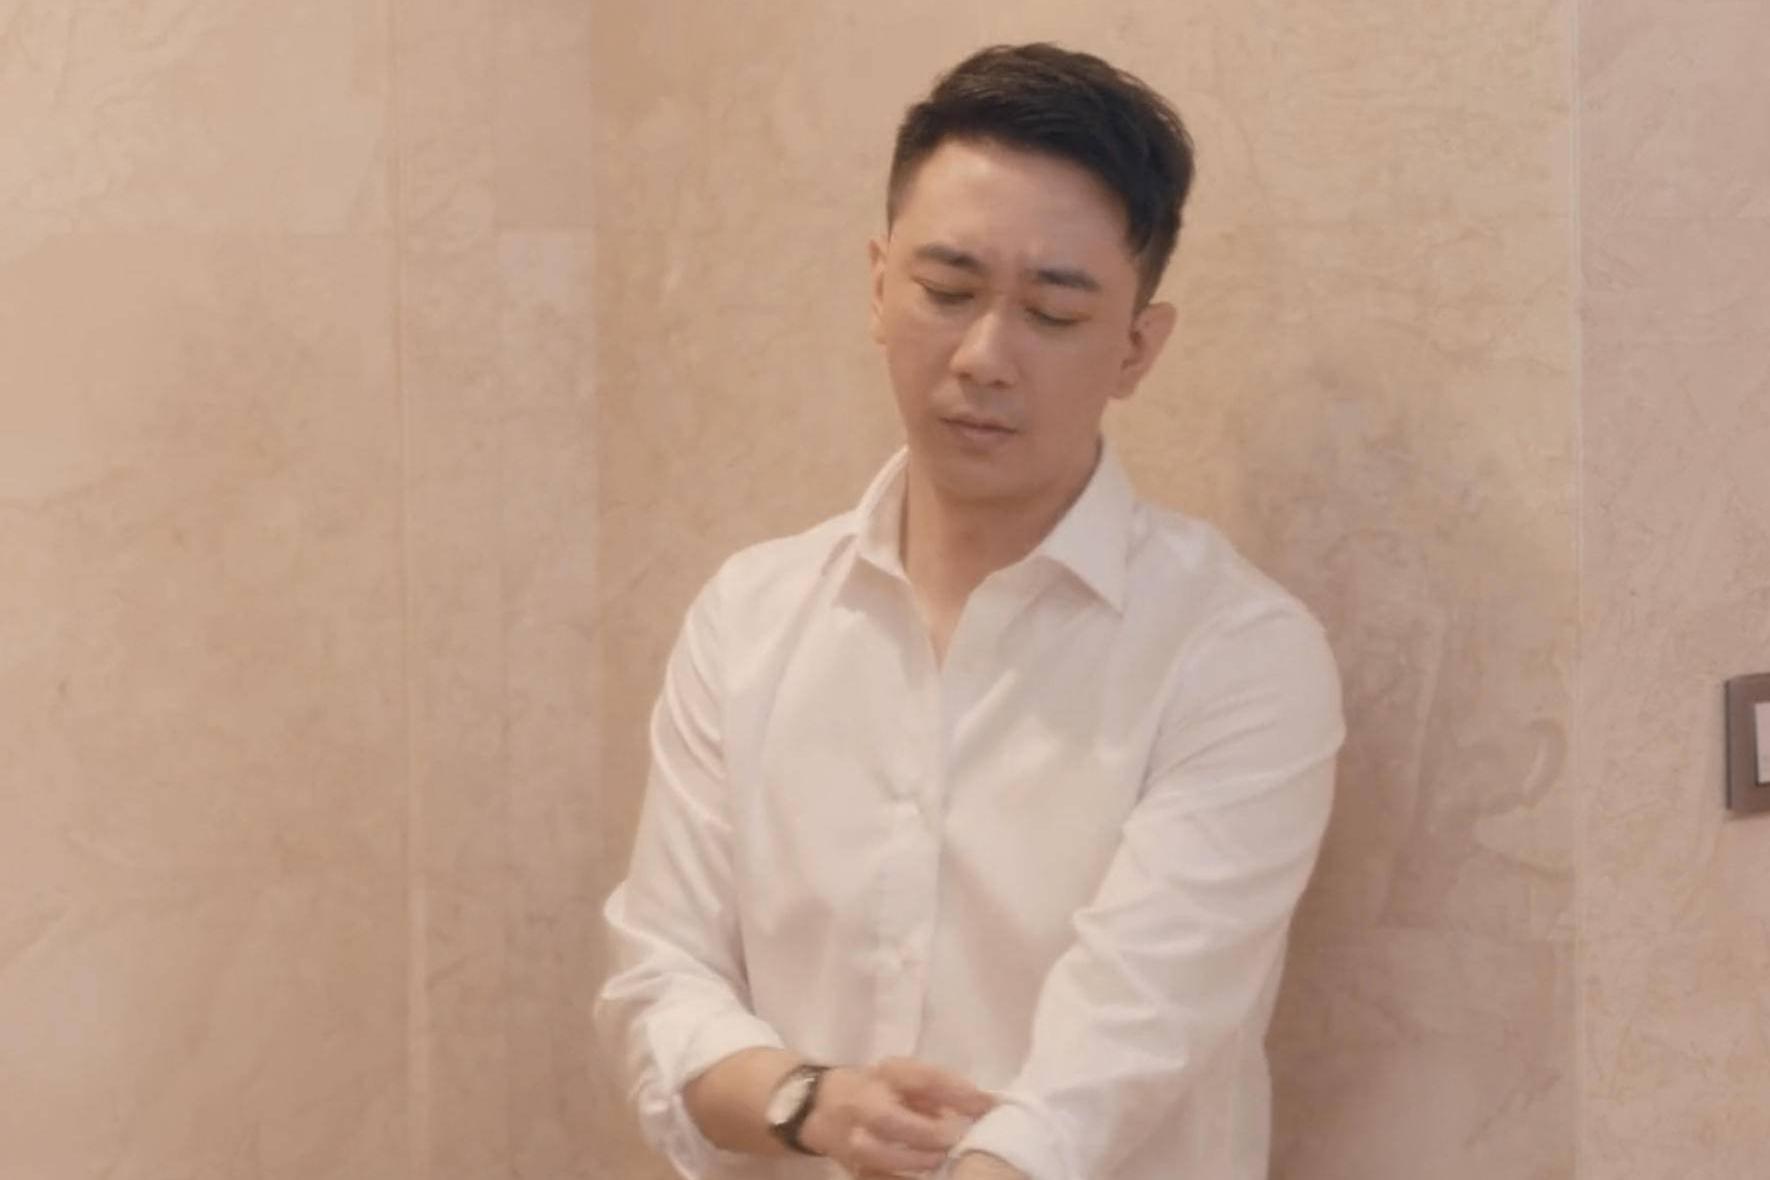 王自健出演《安家》演技获赞,从脱口秀转战影视圈,他依旧能出彩